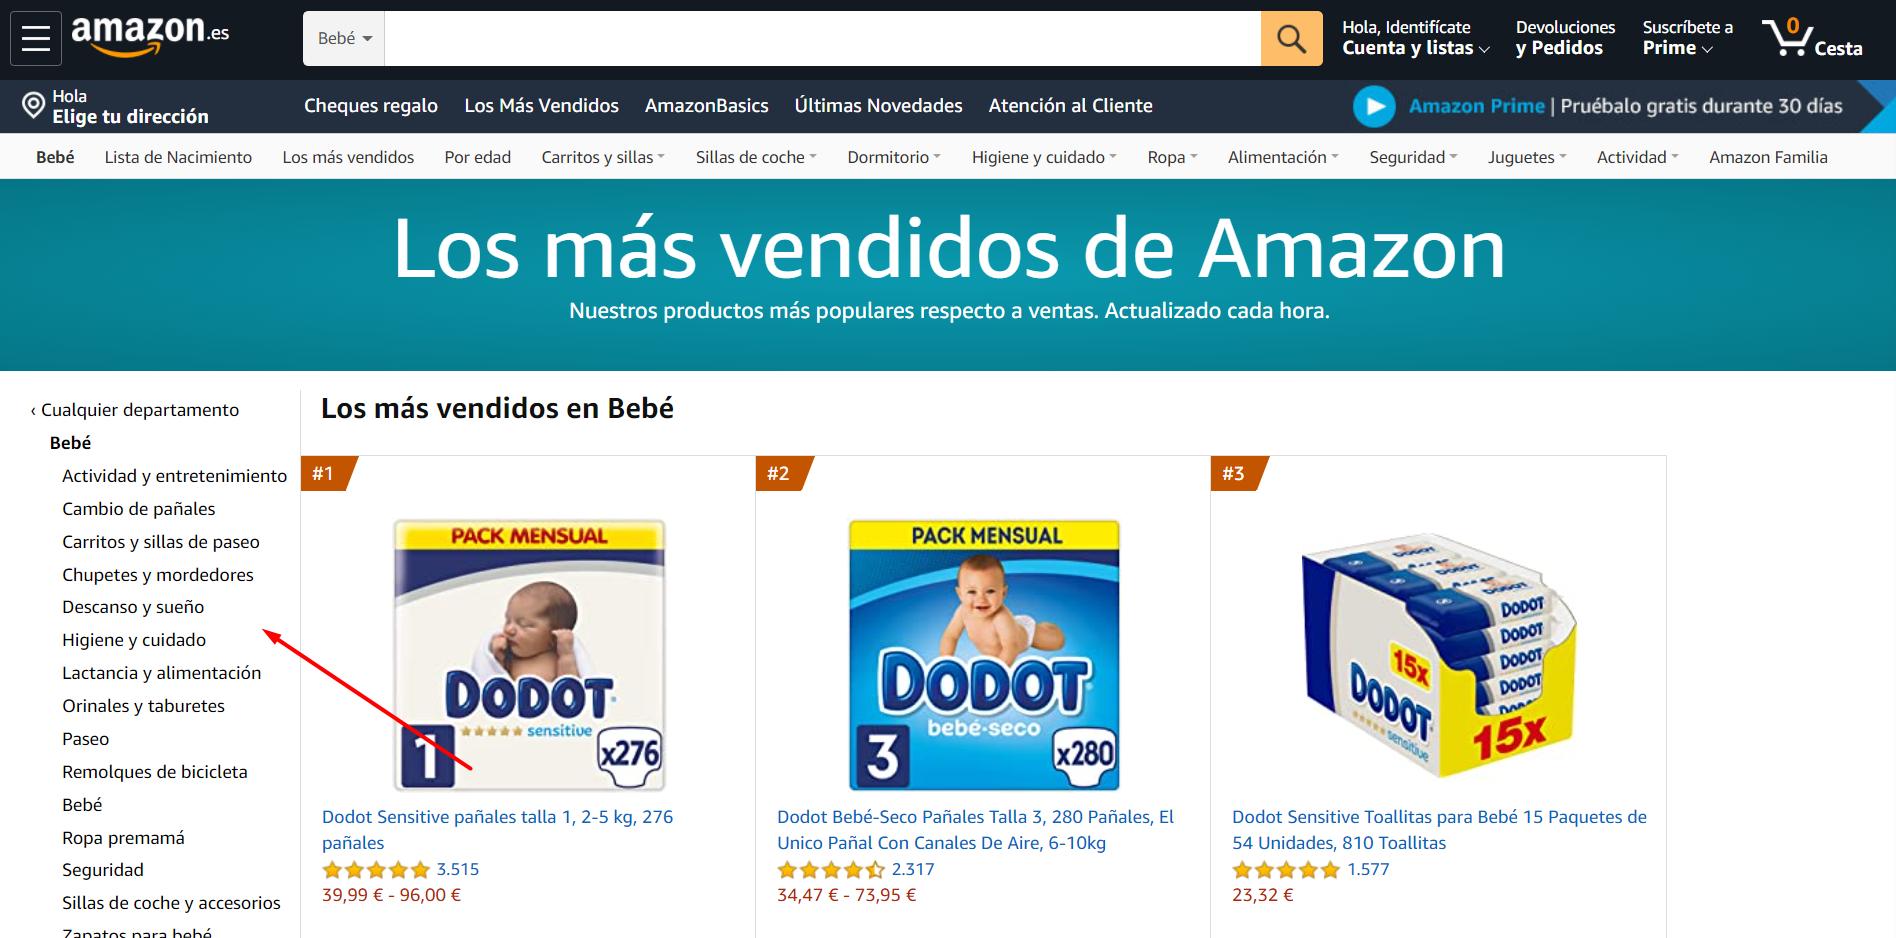 subcategorías de Amazon